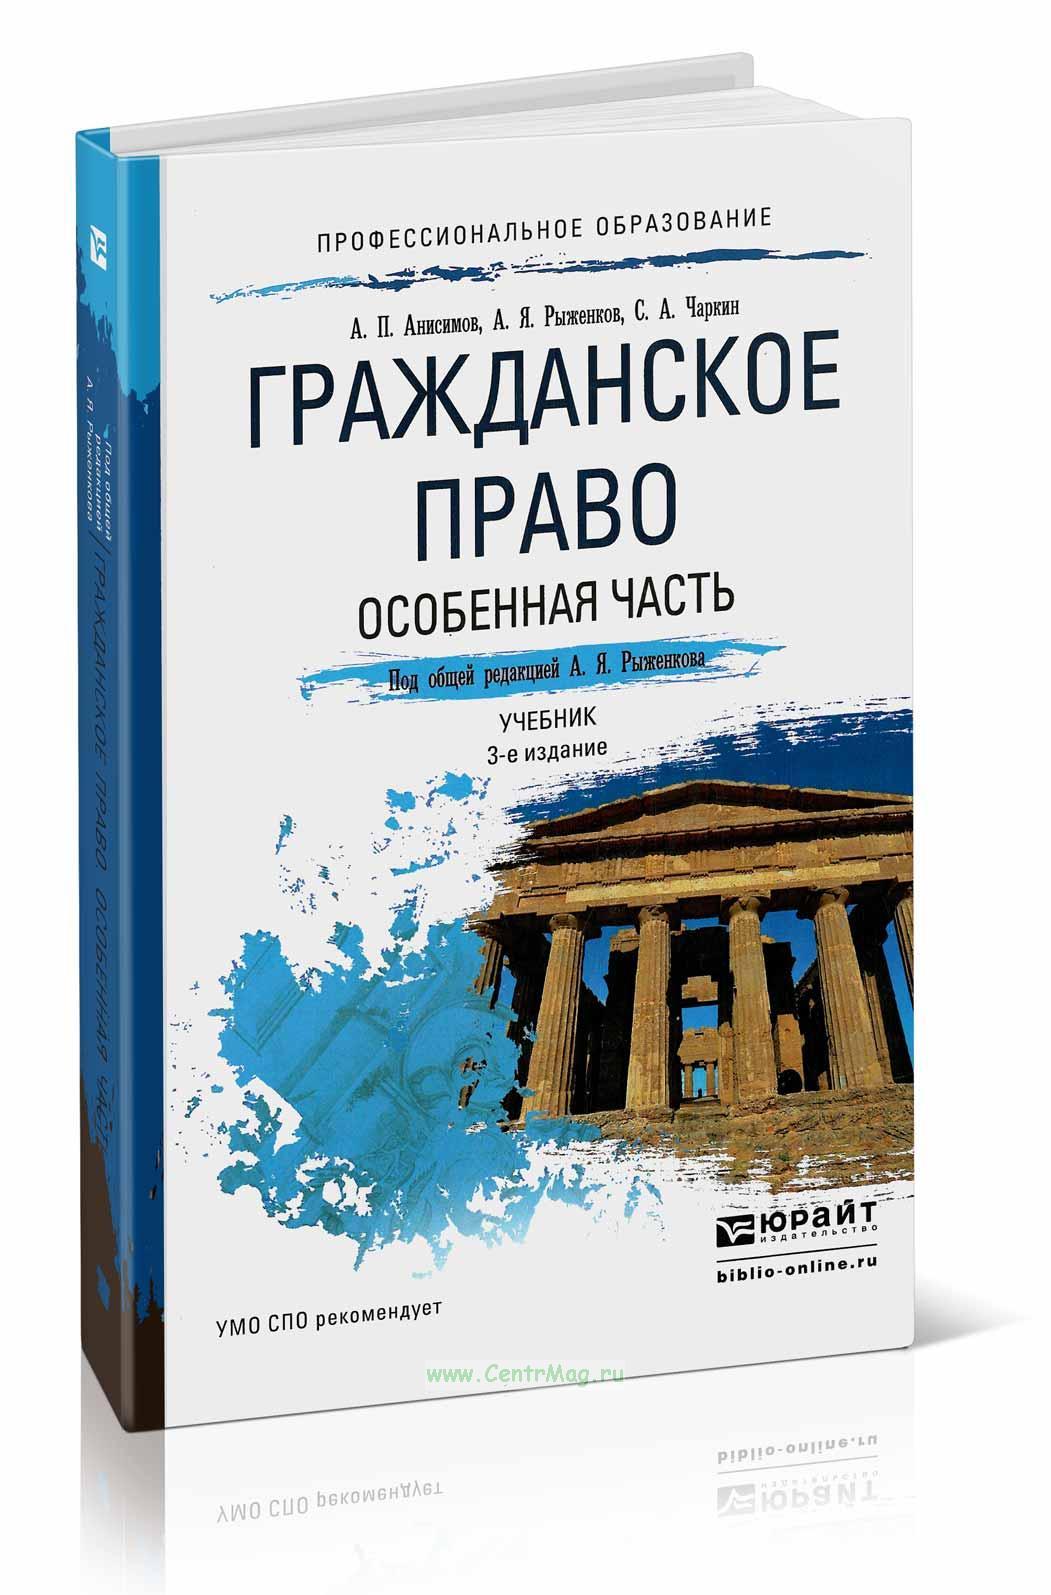 Гражданское право. Особенная часть: учебник для СПО (3-е издание, переработанное и дополненное)